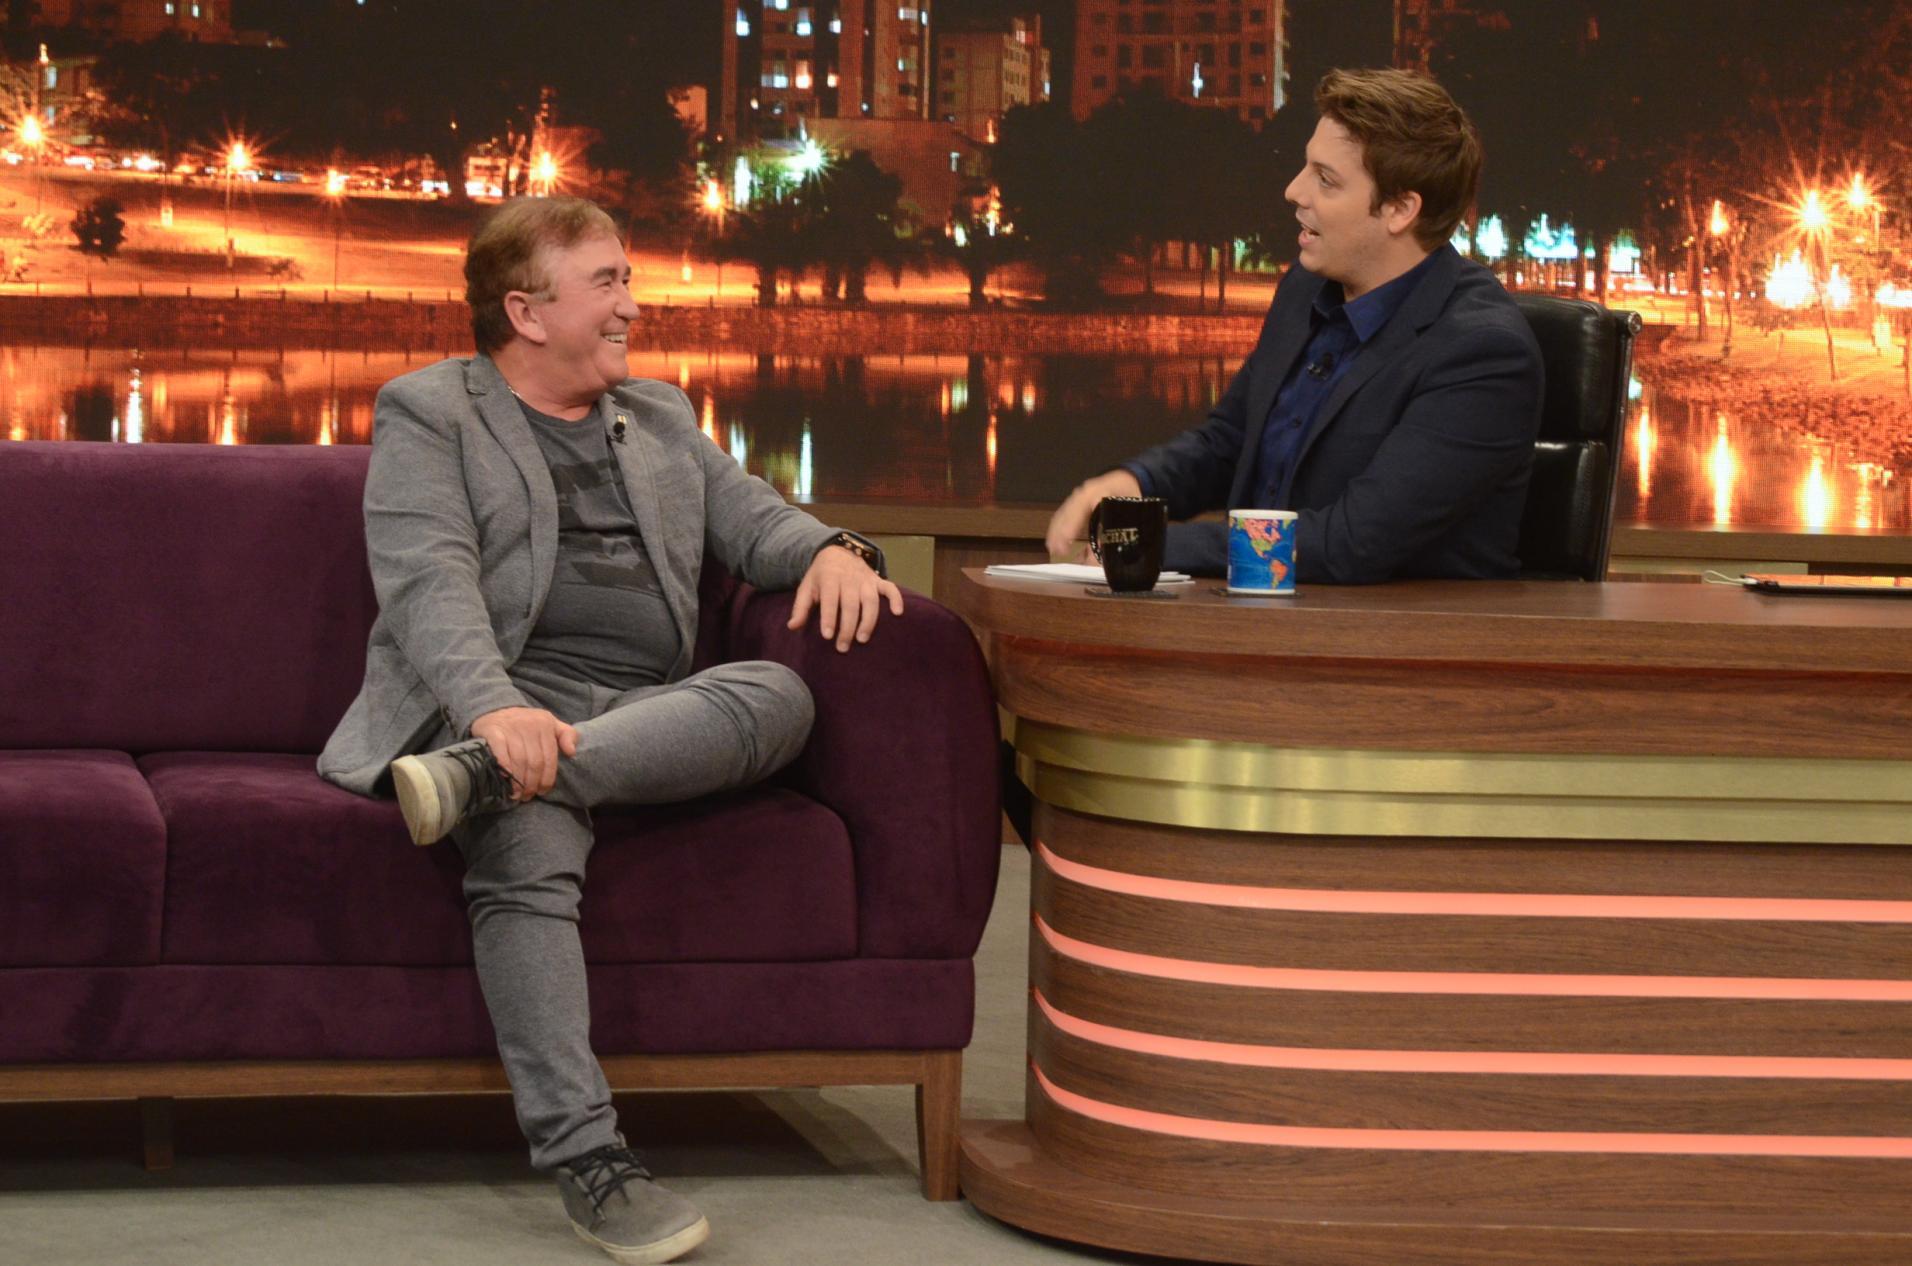 Amado Batista. Foto do site da O TV Foco que mostra Em entrevista para Porchat, Amado Batista pede volta da ditadura e Bolsonaro como Presidente